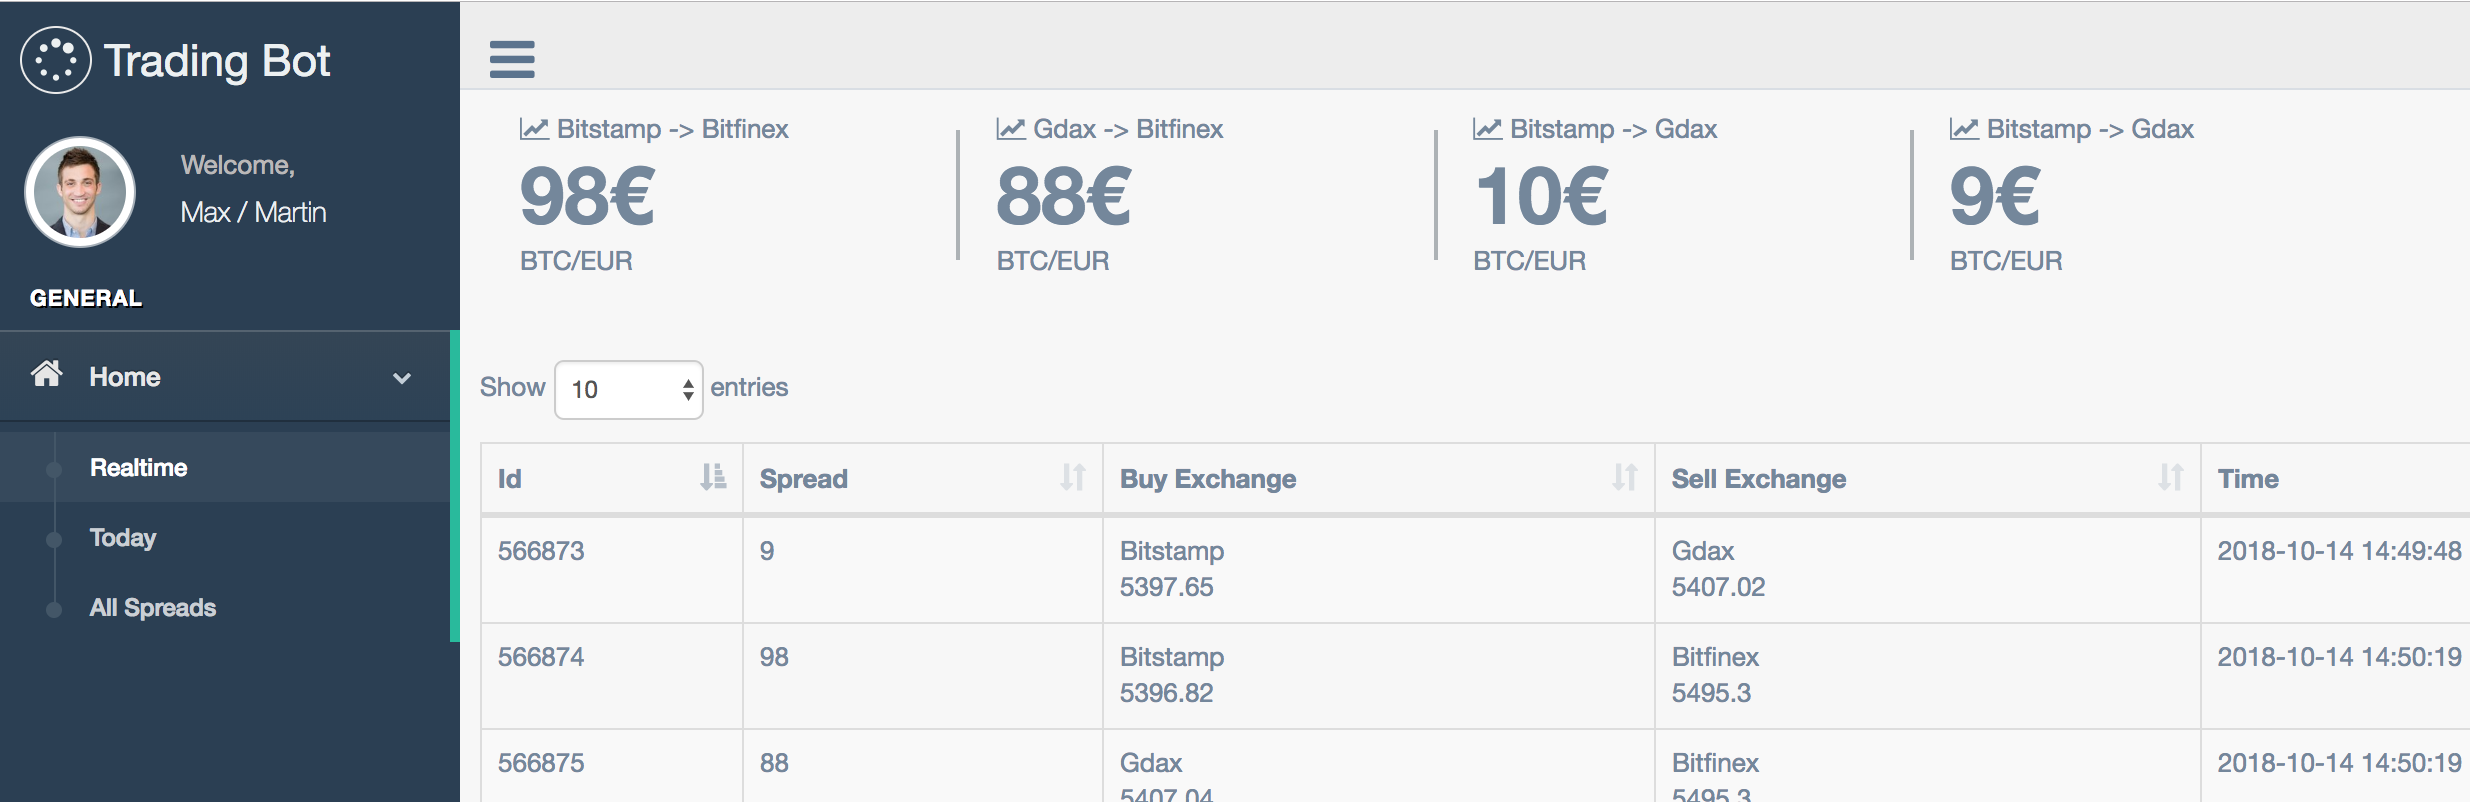 crypto trading bot github python